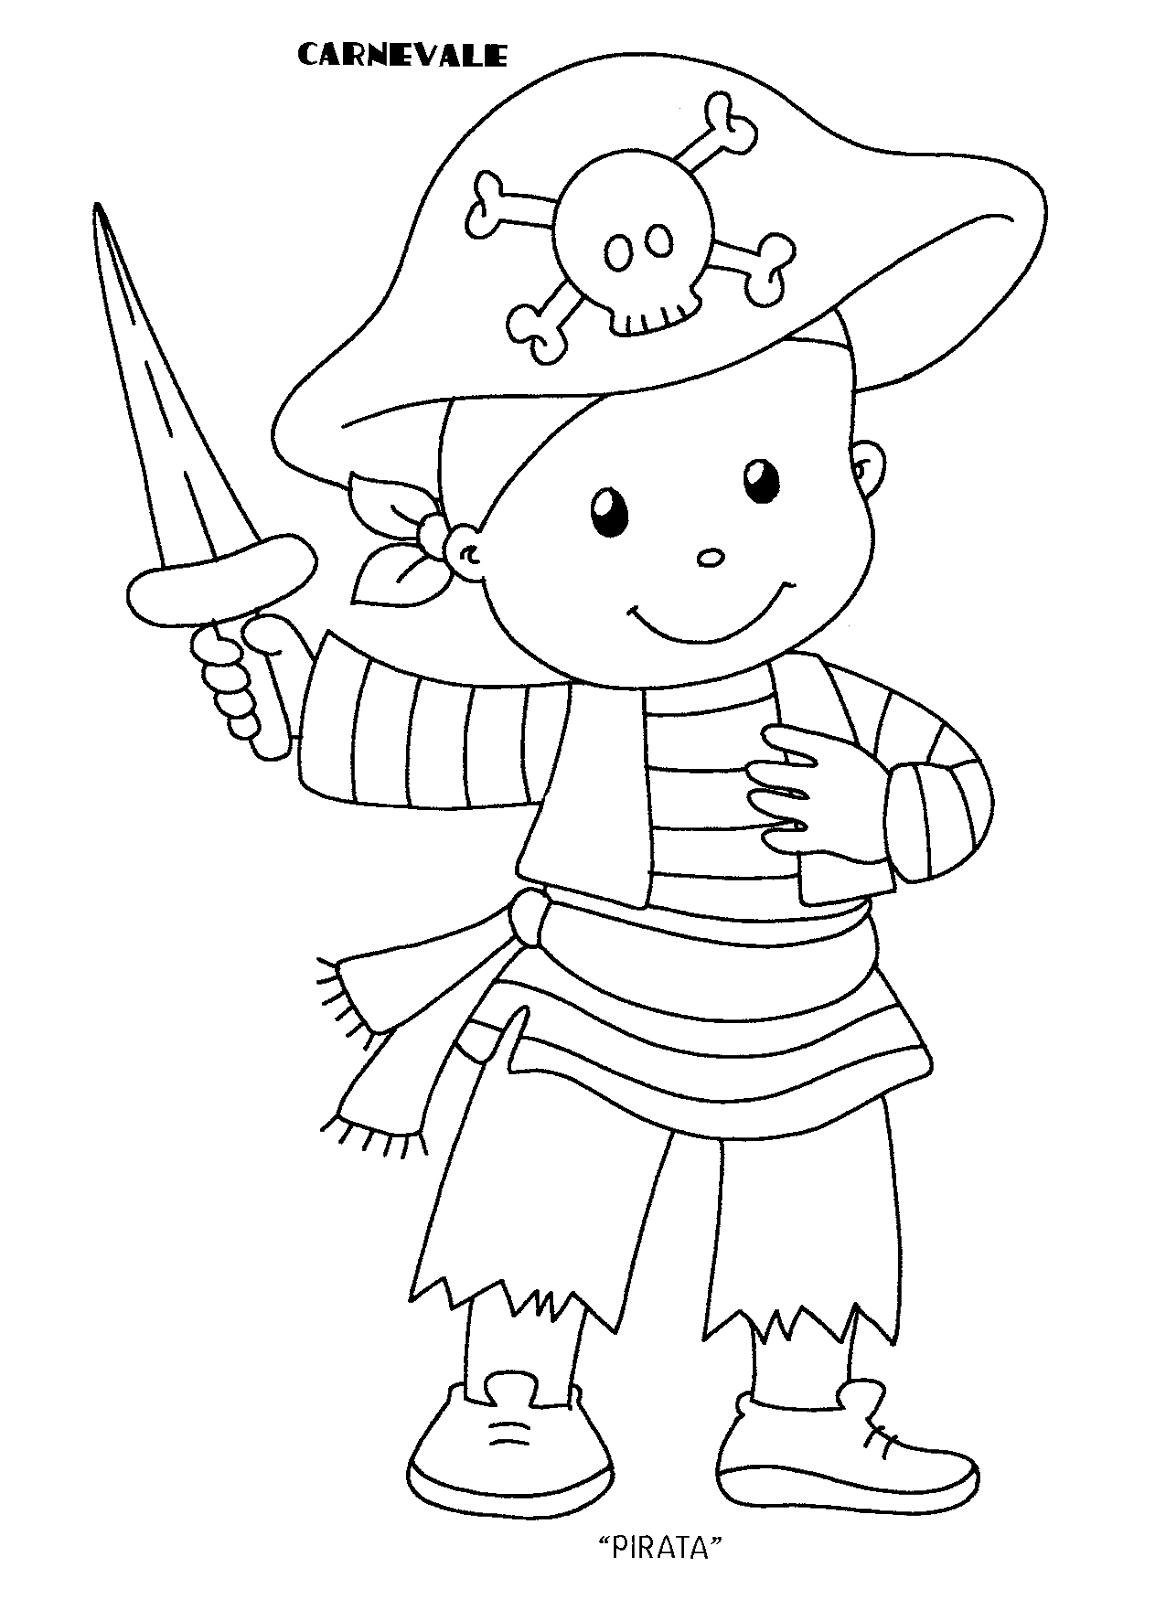 Blog Scuola Schede Didattiche Scuola Dell Infanzia La Maestra Linda Schede Didattiche Da Scaricare Attivita Pirata Tema Pirata Carnevale